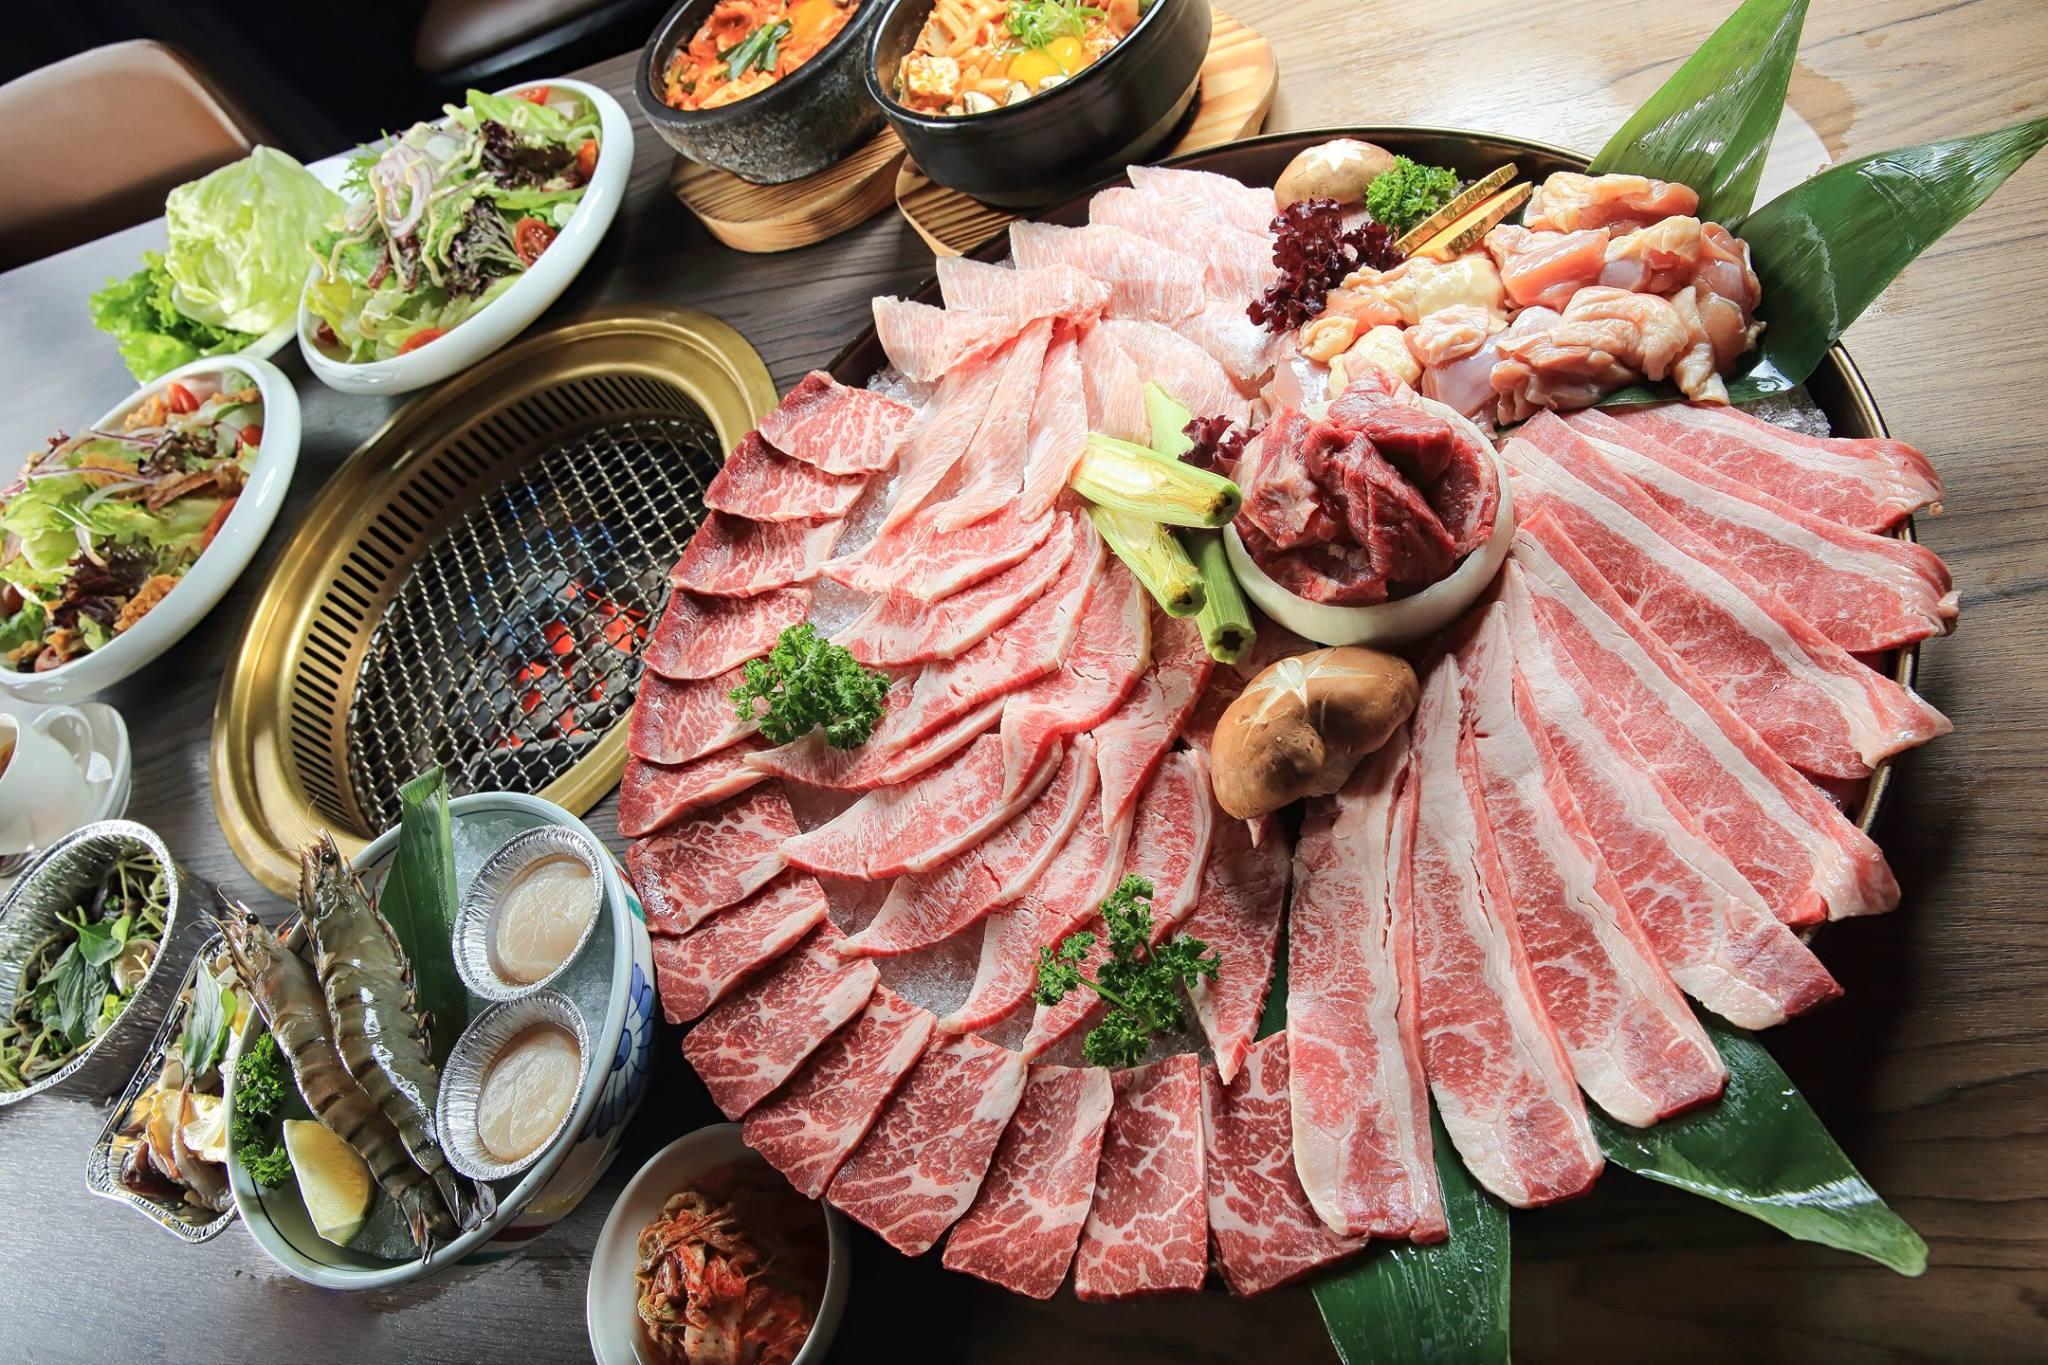 「市太郎燒肉市場」澎湃的雙人套餐系列。(圖片來源/市太郎燒肉市場粉絲團)